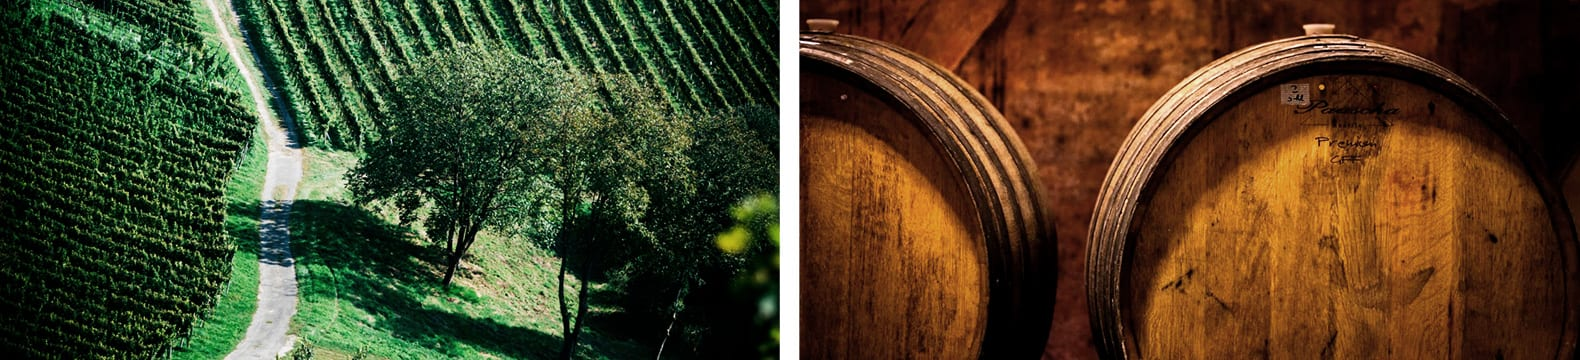 De wijngaard van bovenaf, houten vaten